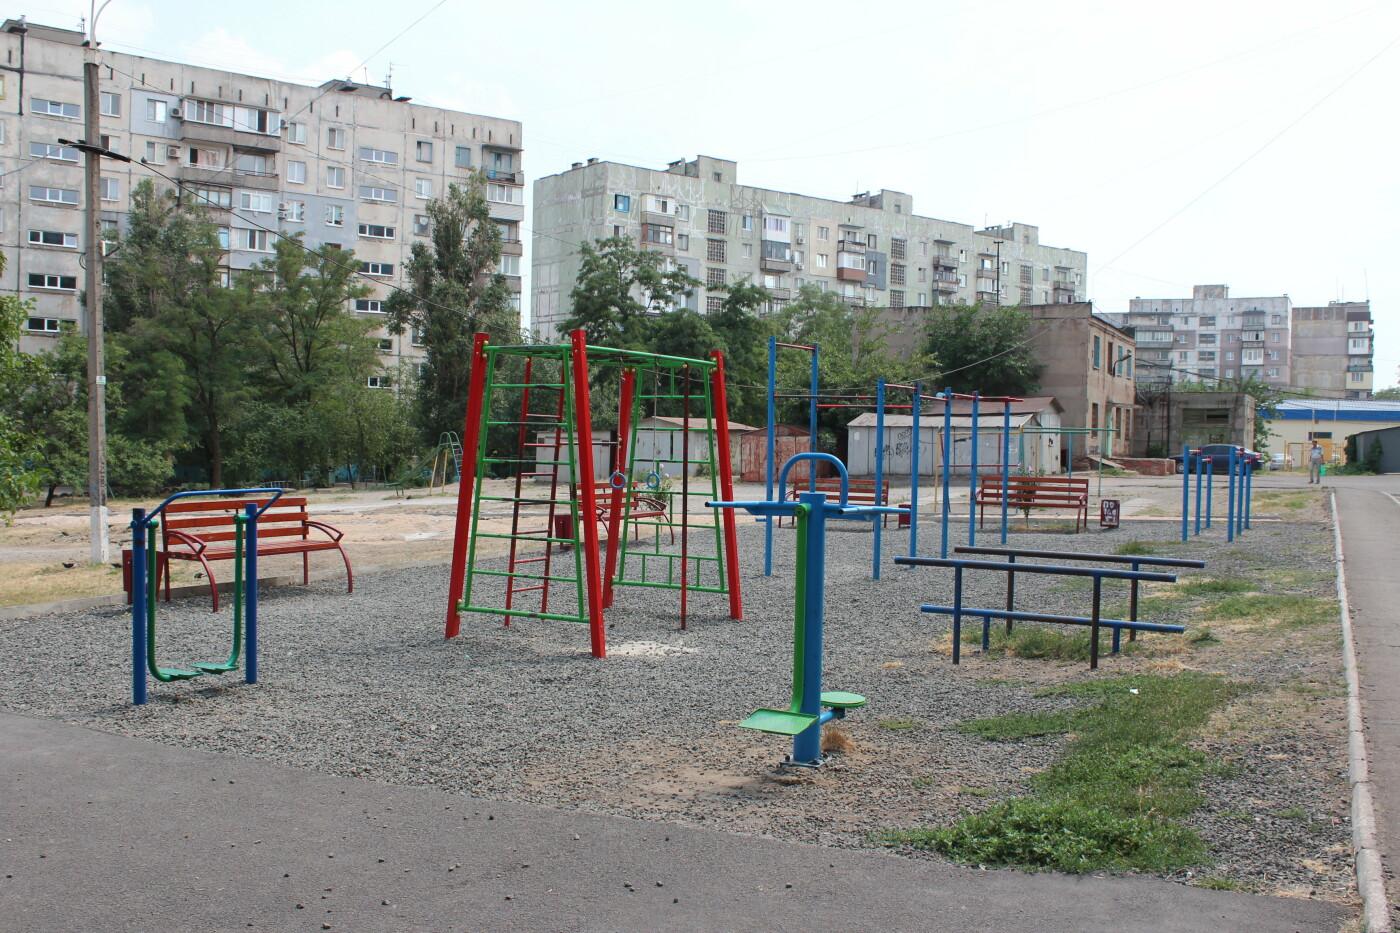 Наши дети – наше будущее. Обустройство детских и спортивных площадок в вашем городе, фото-1